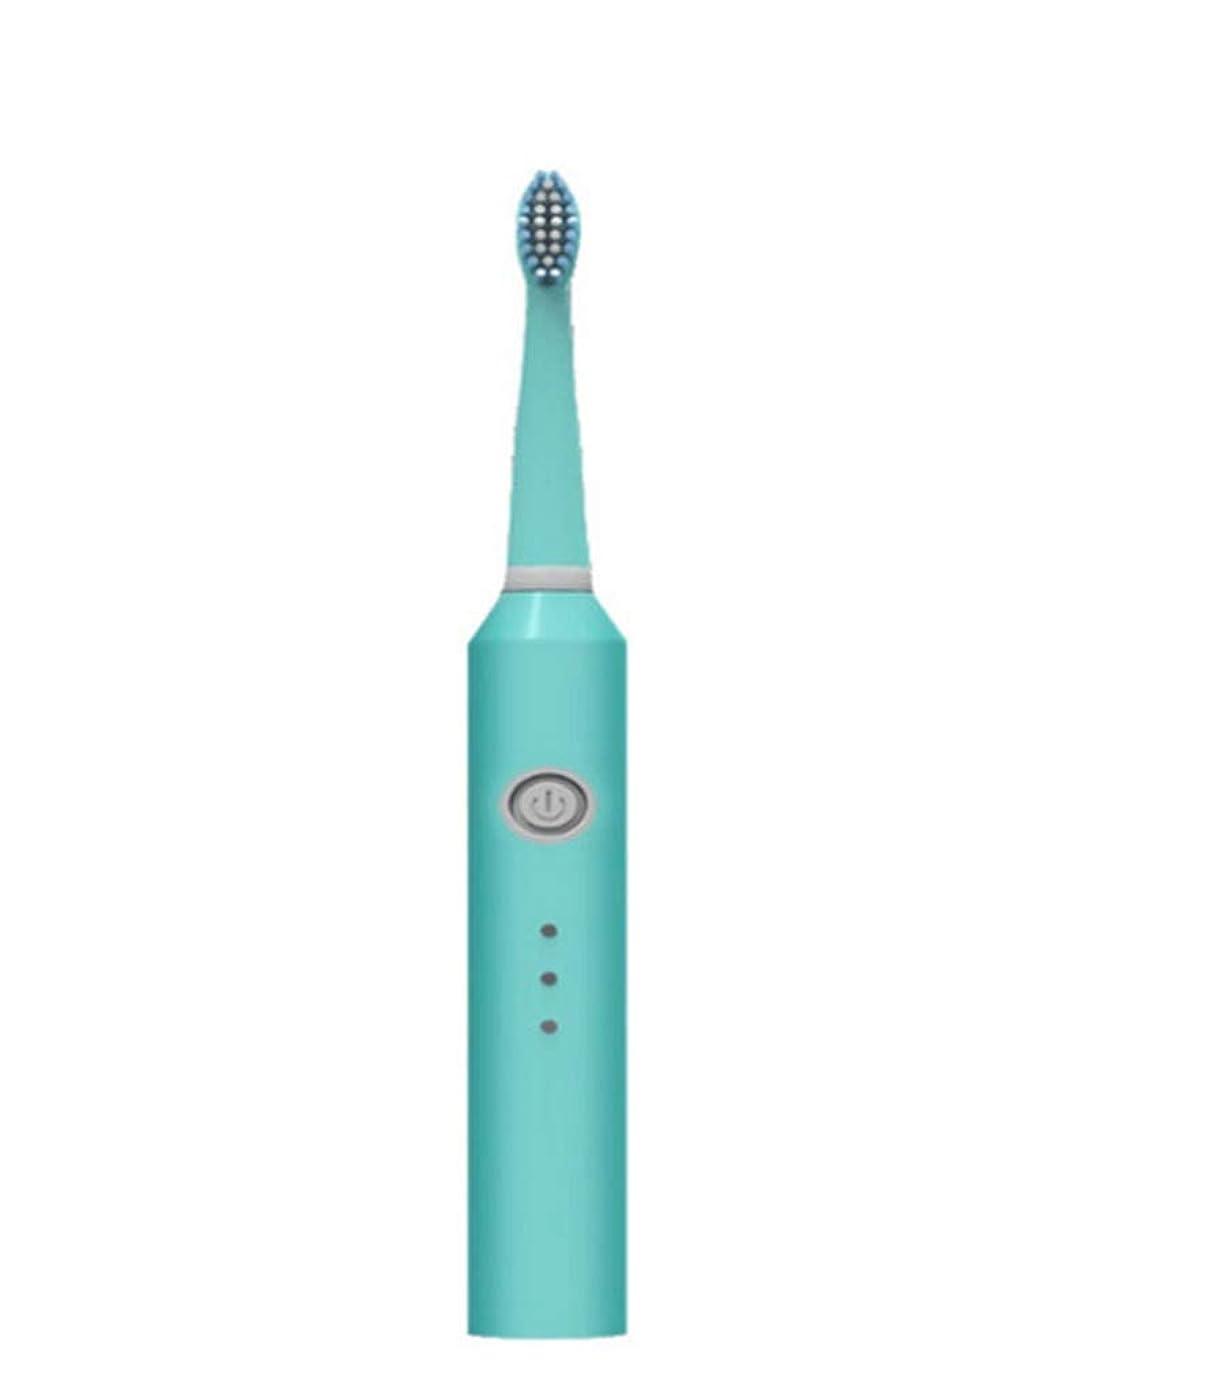 音波振動電動歯ブラシ6モードusb充電式スマートタイマーipx7防水2ブラシヘッド用大人